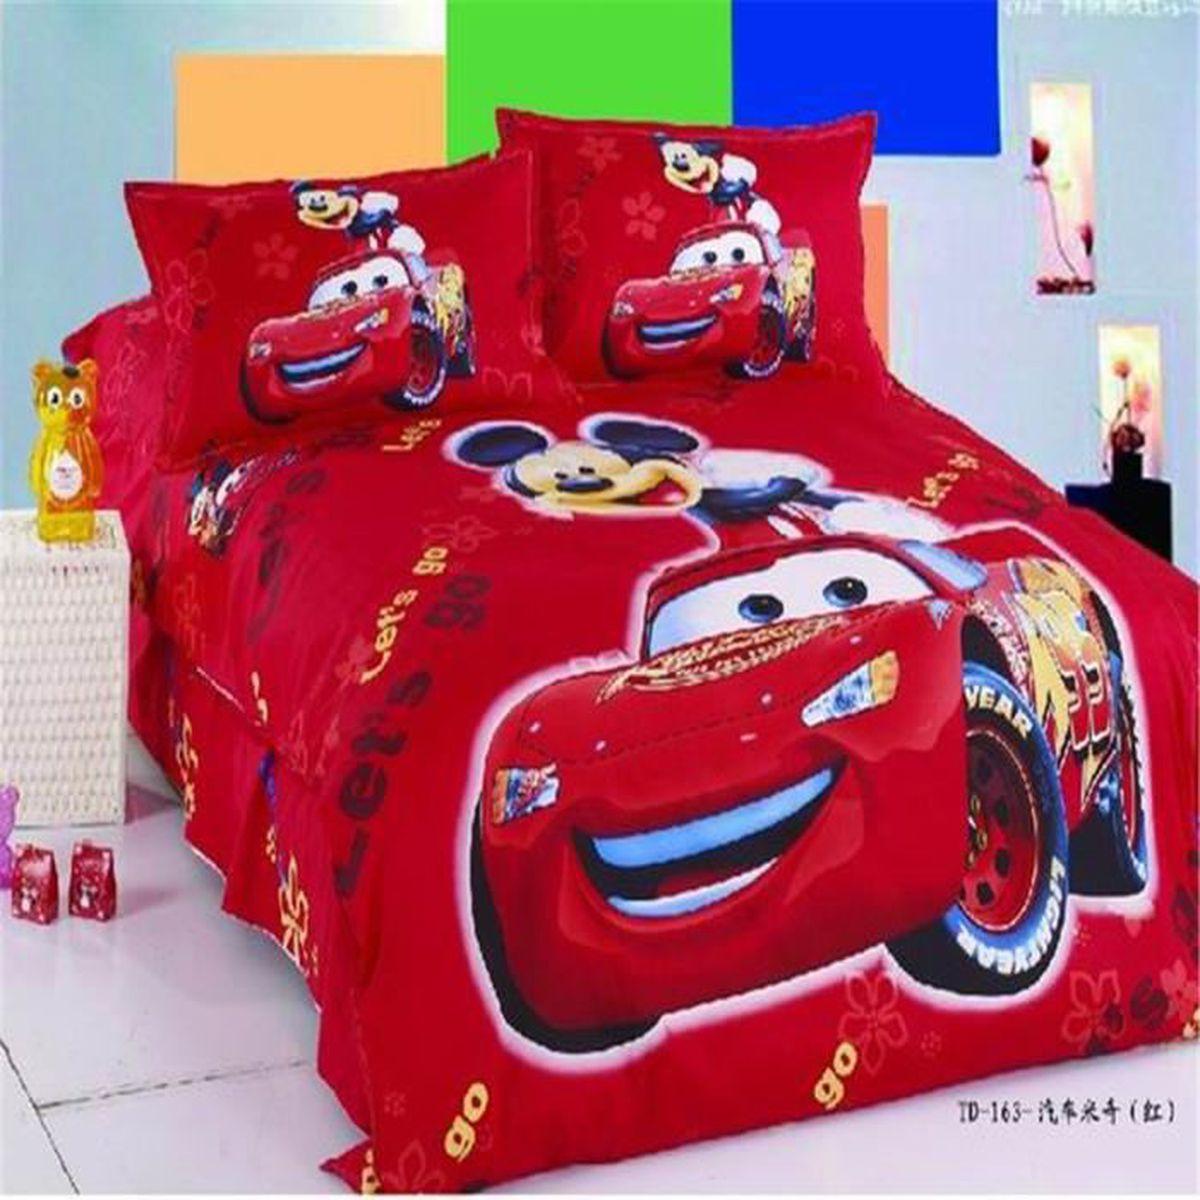 housse de couette enfant mickey achat vente housse de couette enfant mickey pas cher. Black Bedroom Furniture Sets. Home Design Ideas